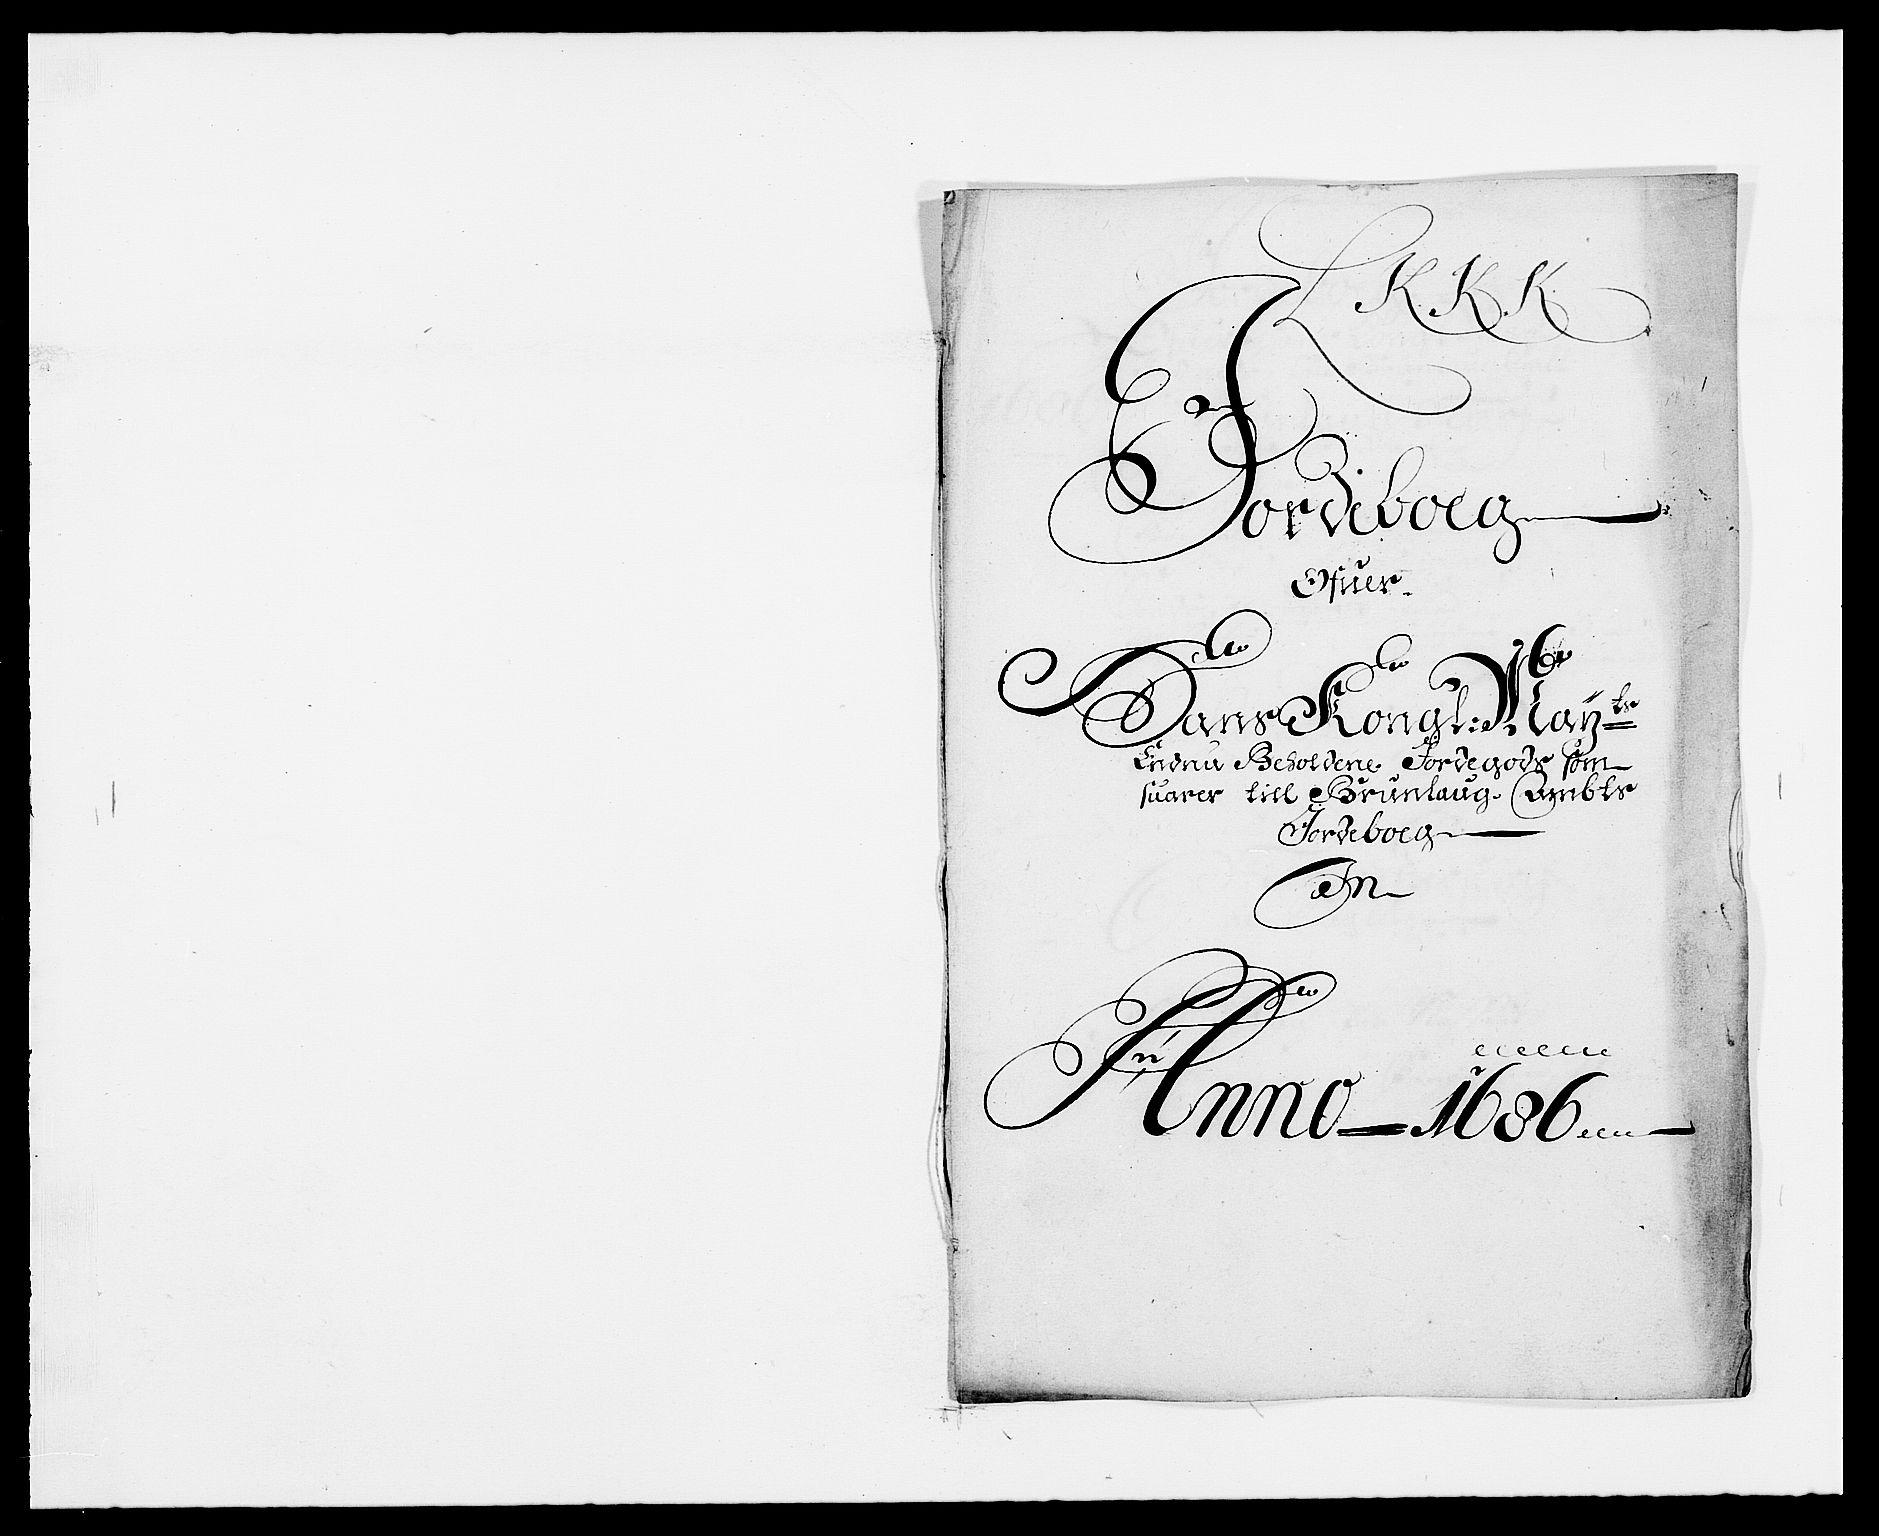 RA, Rentekammeret inntil 1814, Reviderte regnskaper, Fogderegnskap, R33/L1970: Fogderegnskap Larvik grevskap, 1675-1687, s. 134